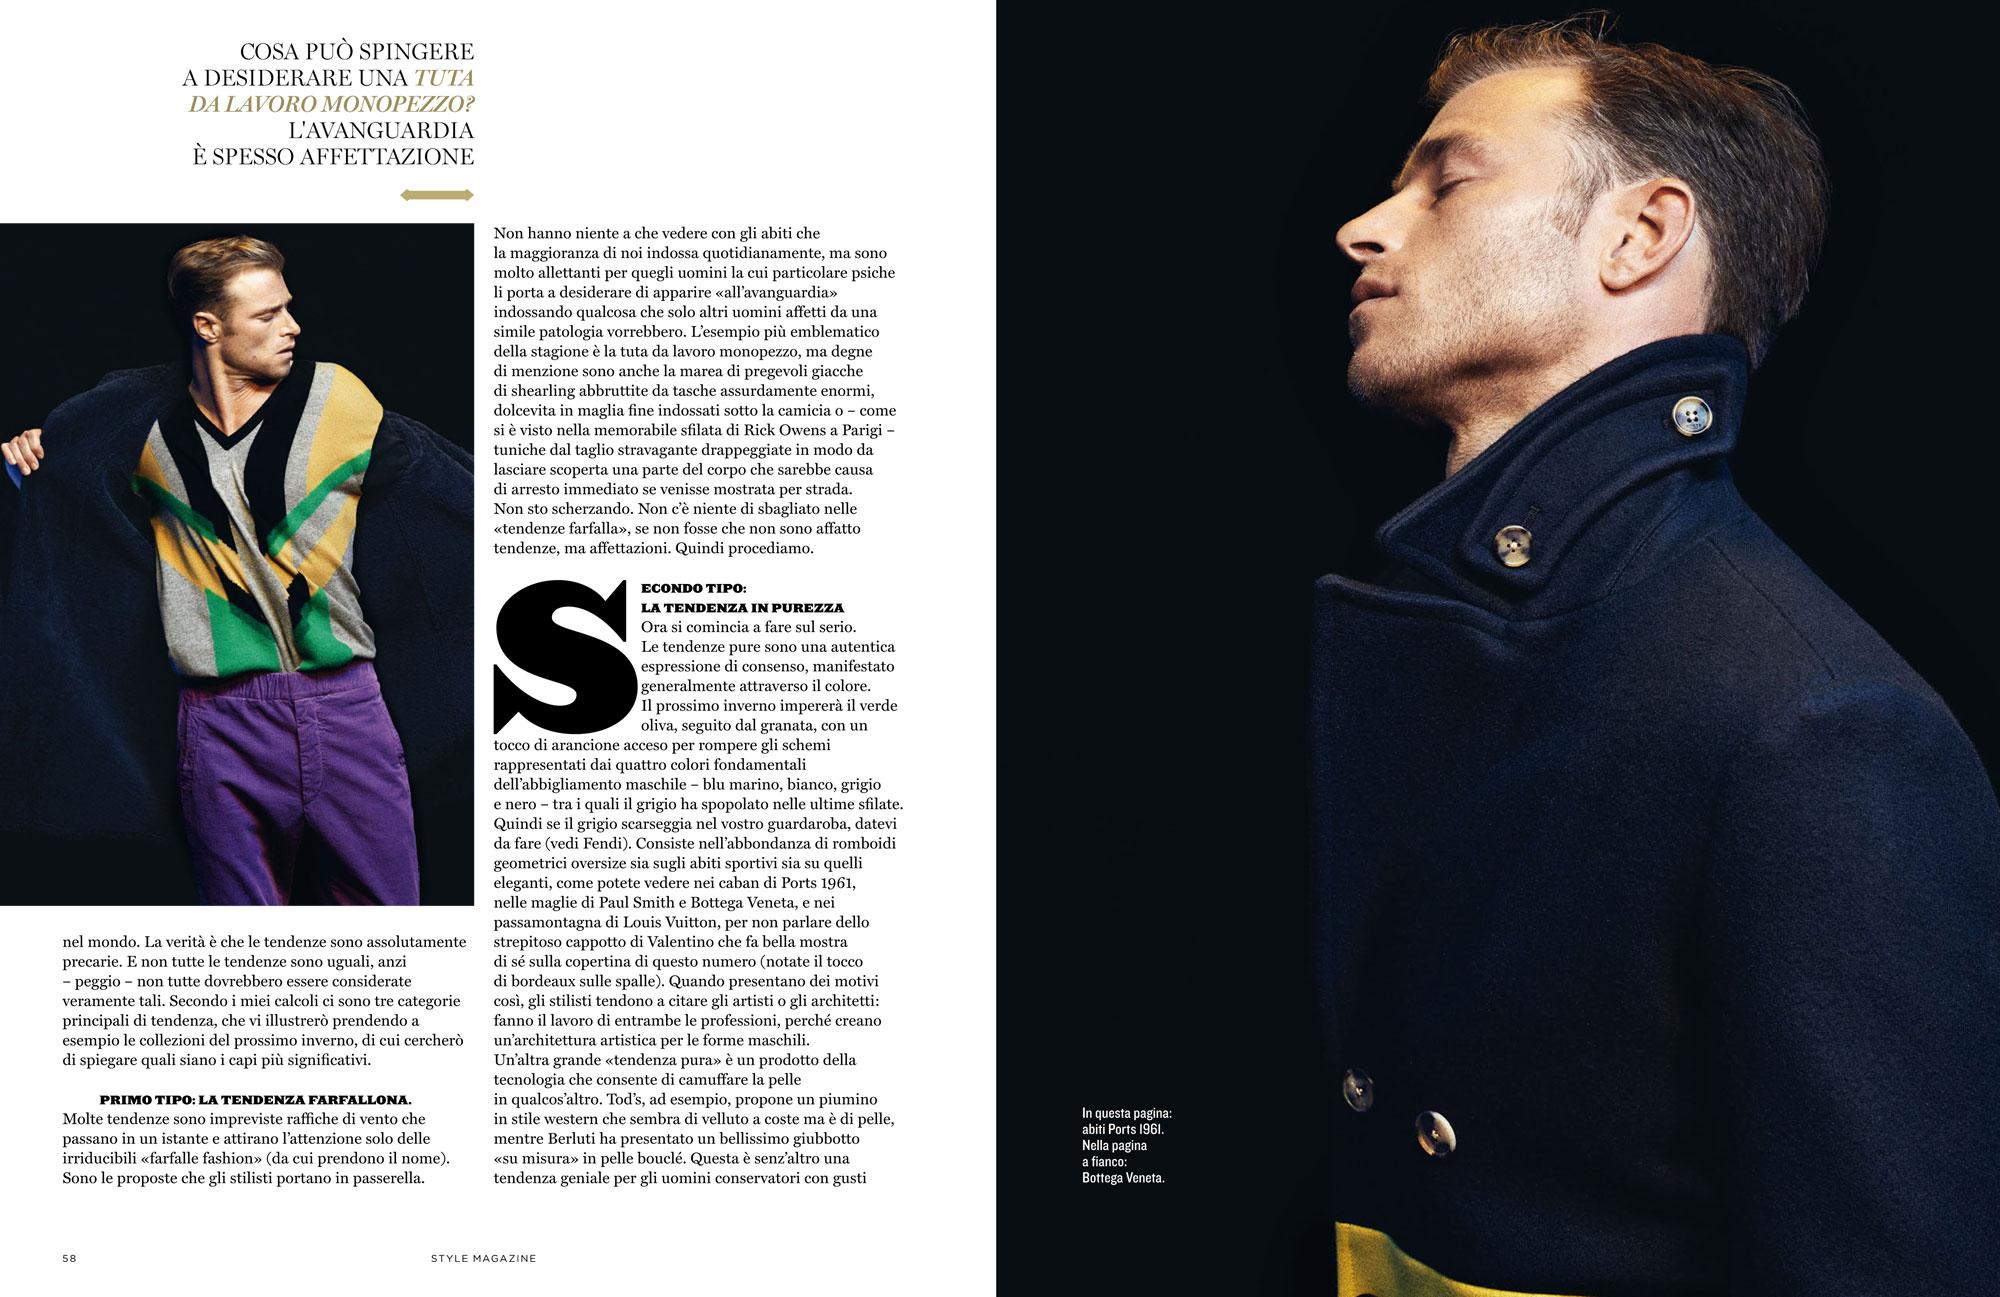 Style Italia - British actor David Frampton graces cover feature